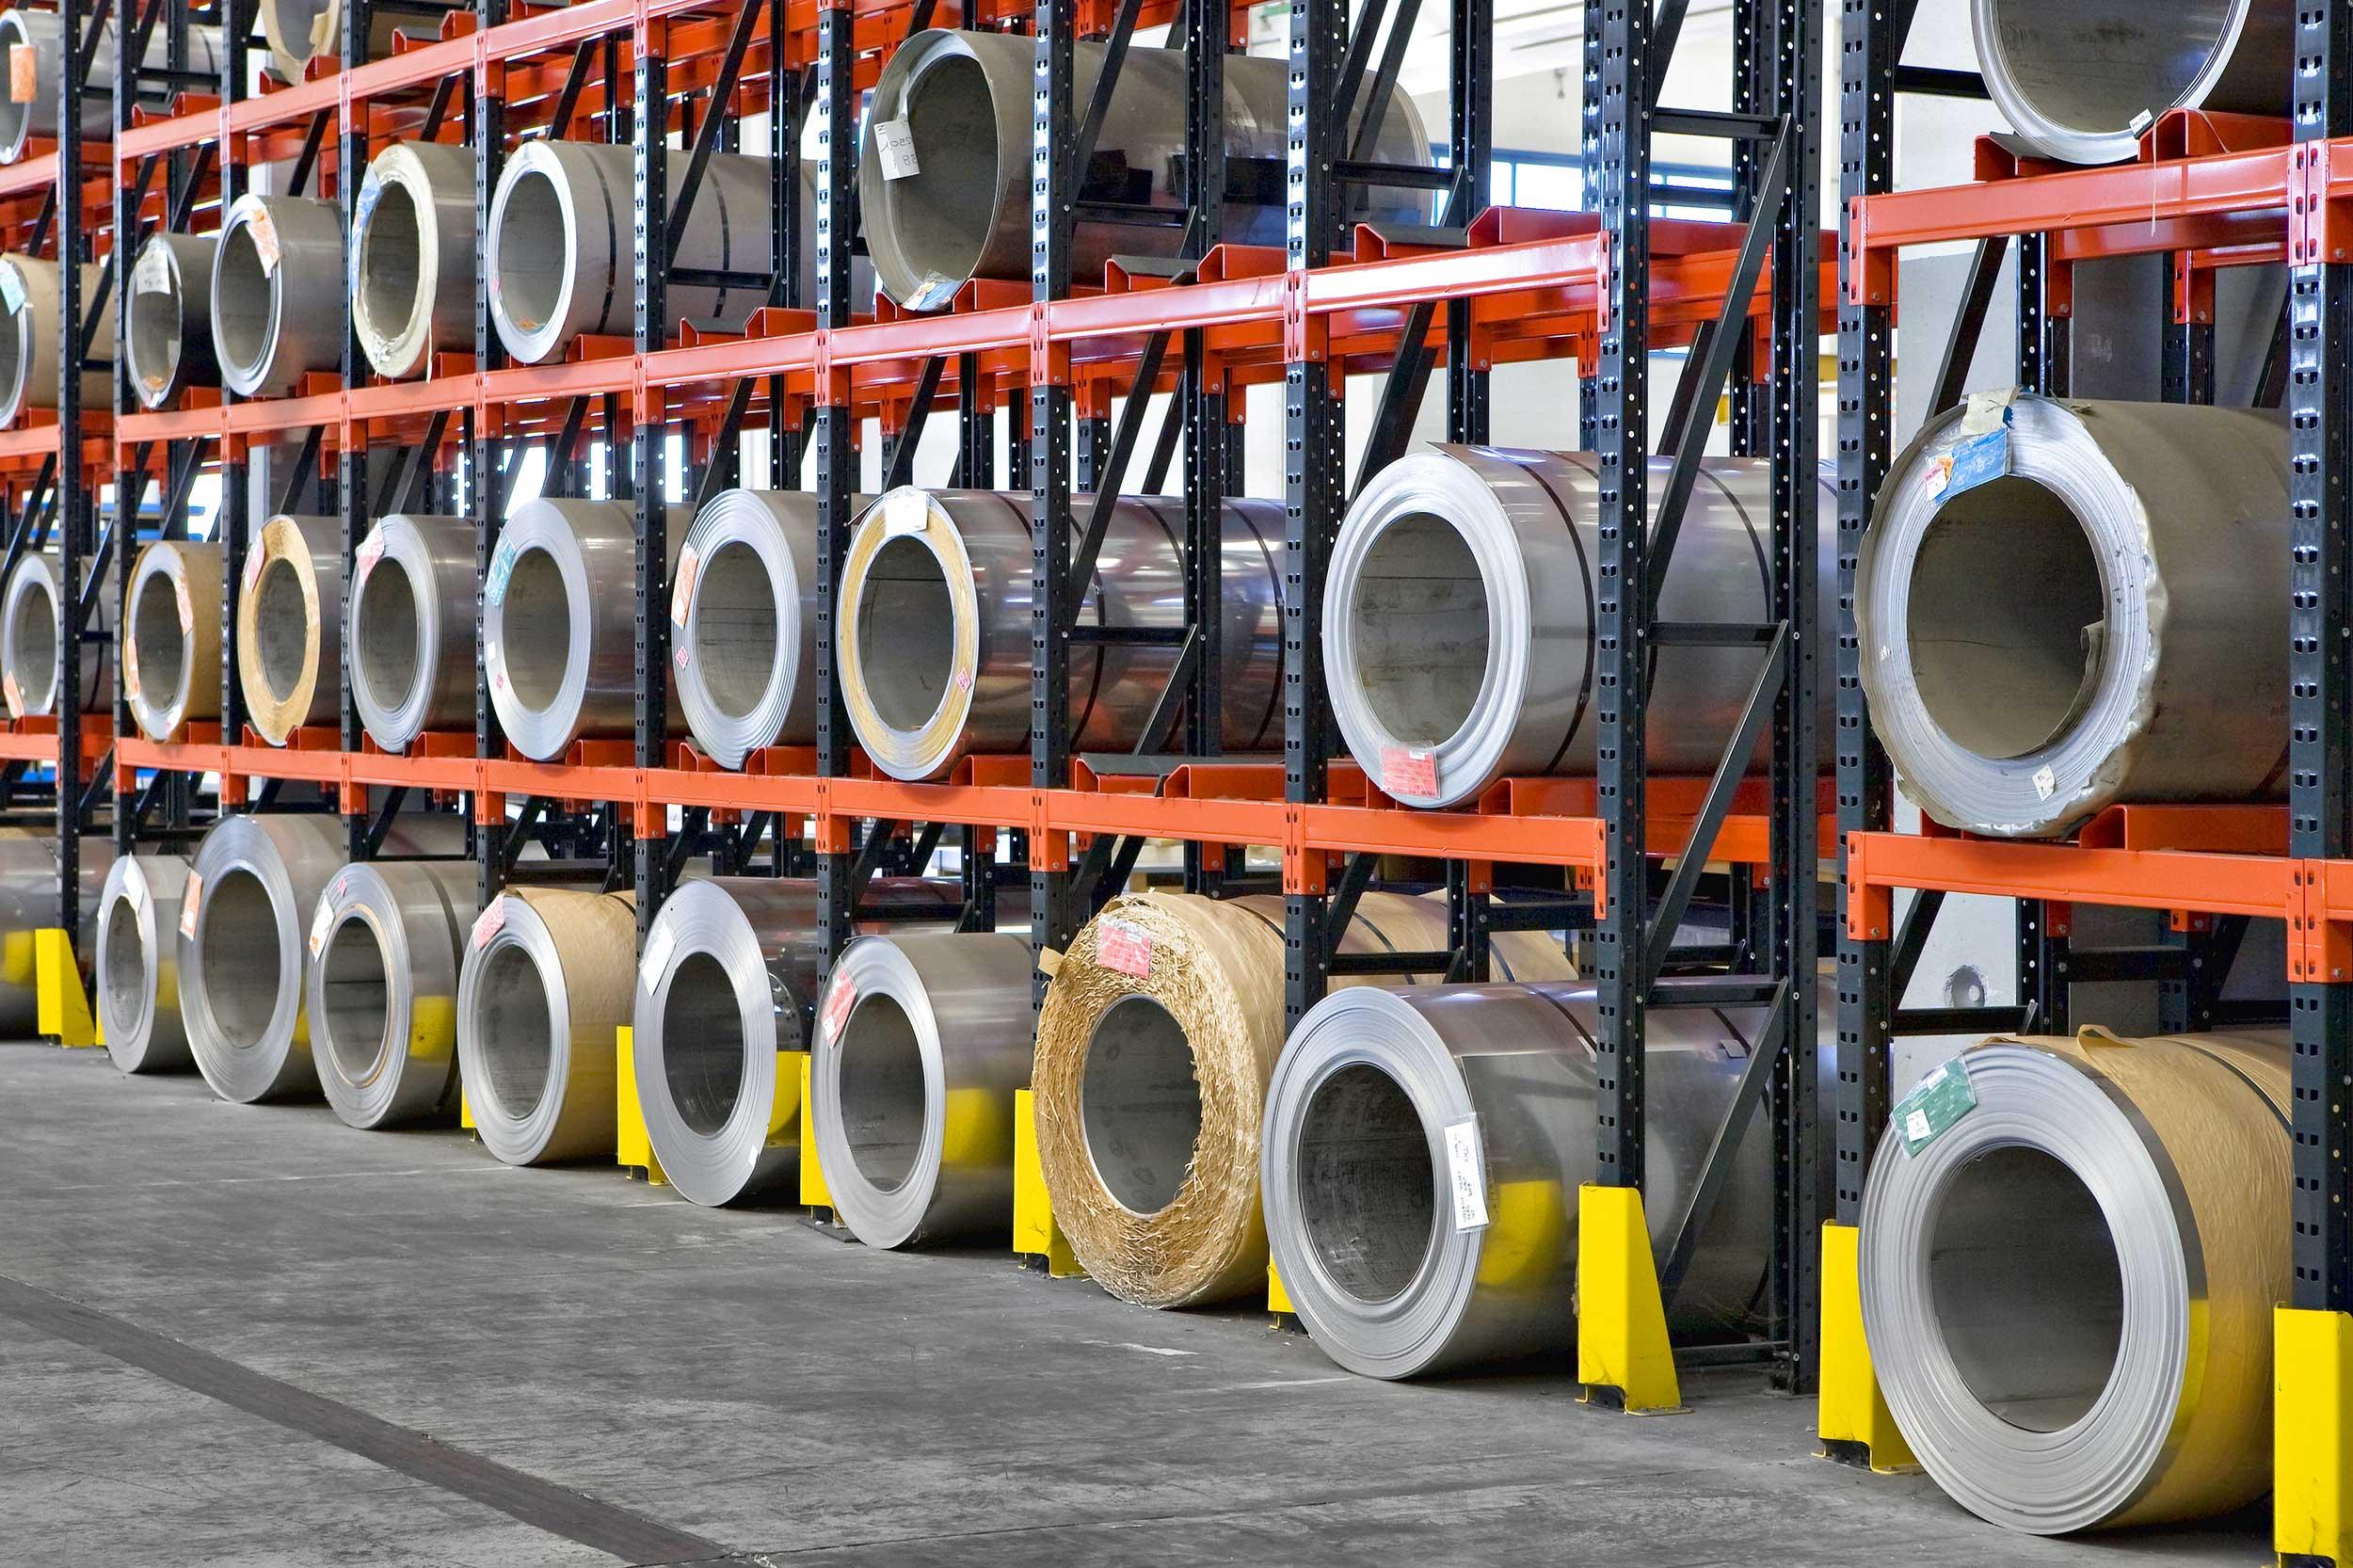 Le scaffalature portapallet Samit sono create per il contenimento di pallet di ogni tipo, misura e peso e valide per ogni tipo di settore produttivo dalla chimica, alla meccanica al tessile